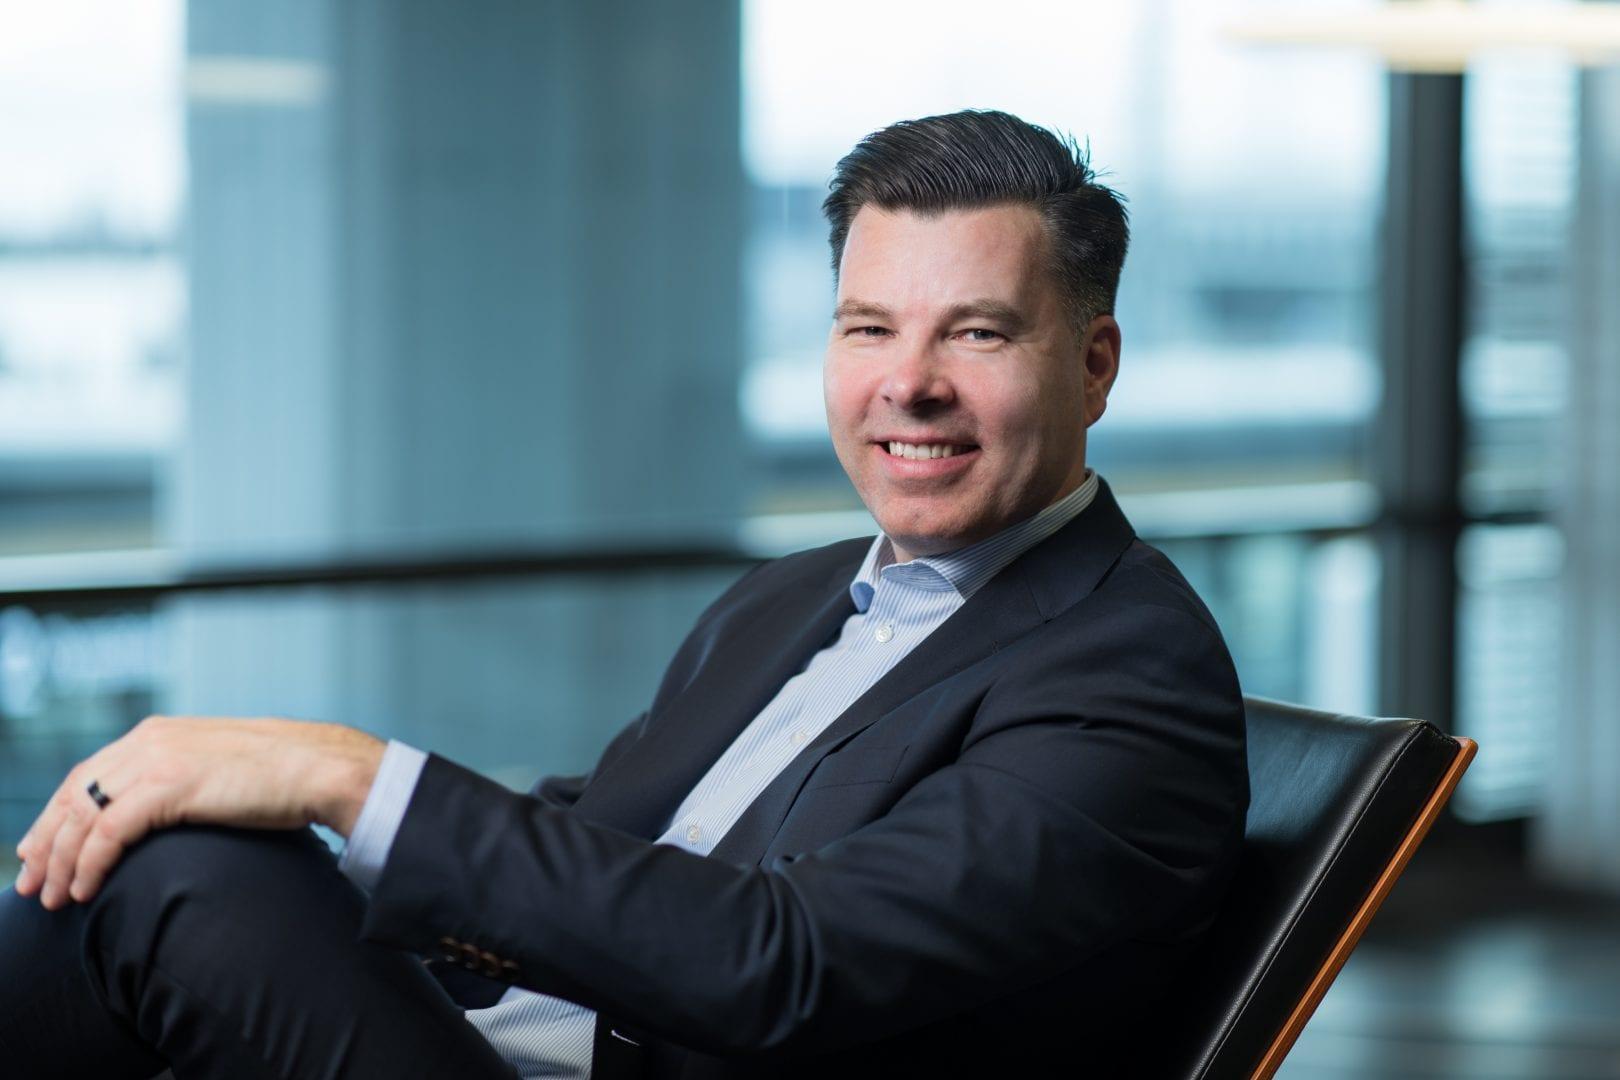 Teollisuusyrittäjä Tuomas Pere on EK:n Yrittäjävaltuuskunnan puheenjohtaja